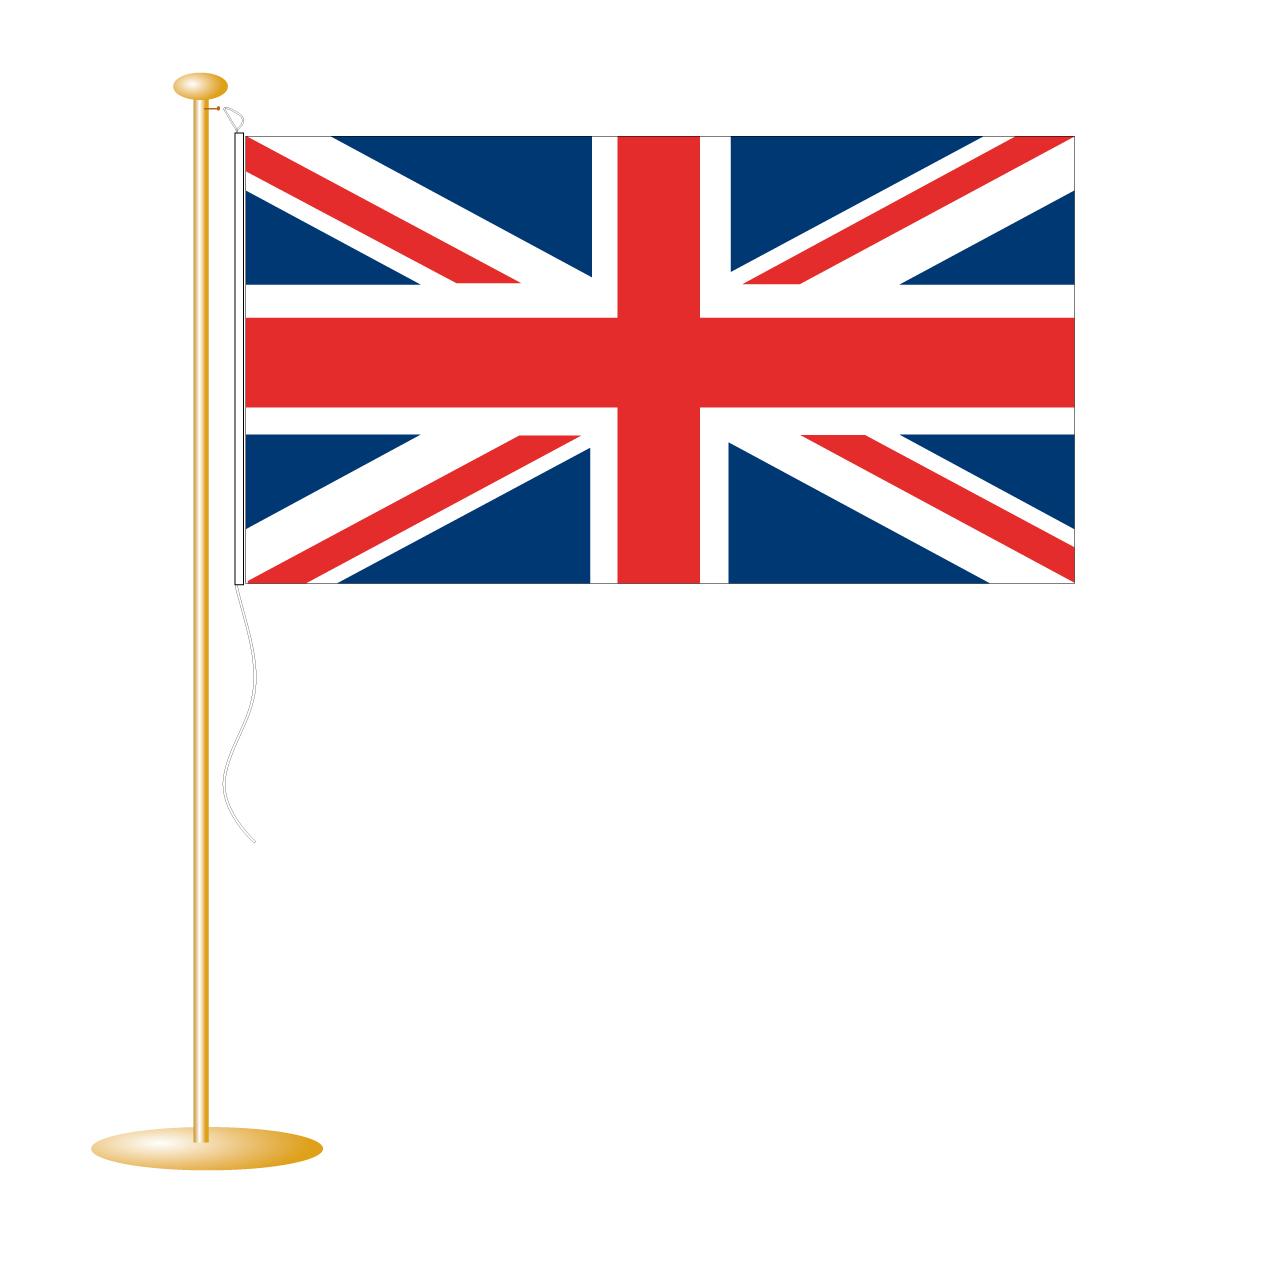 Tafelvlag Groot-Brittannië afm. 10x15cm